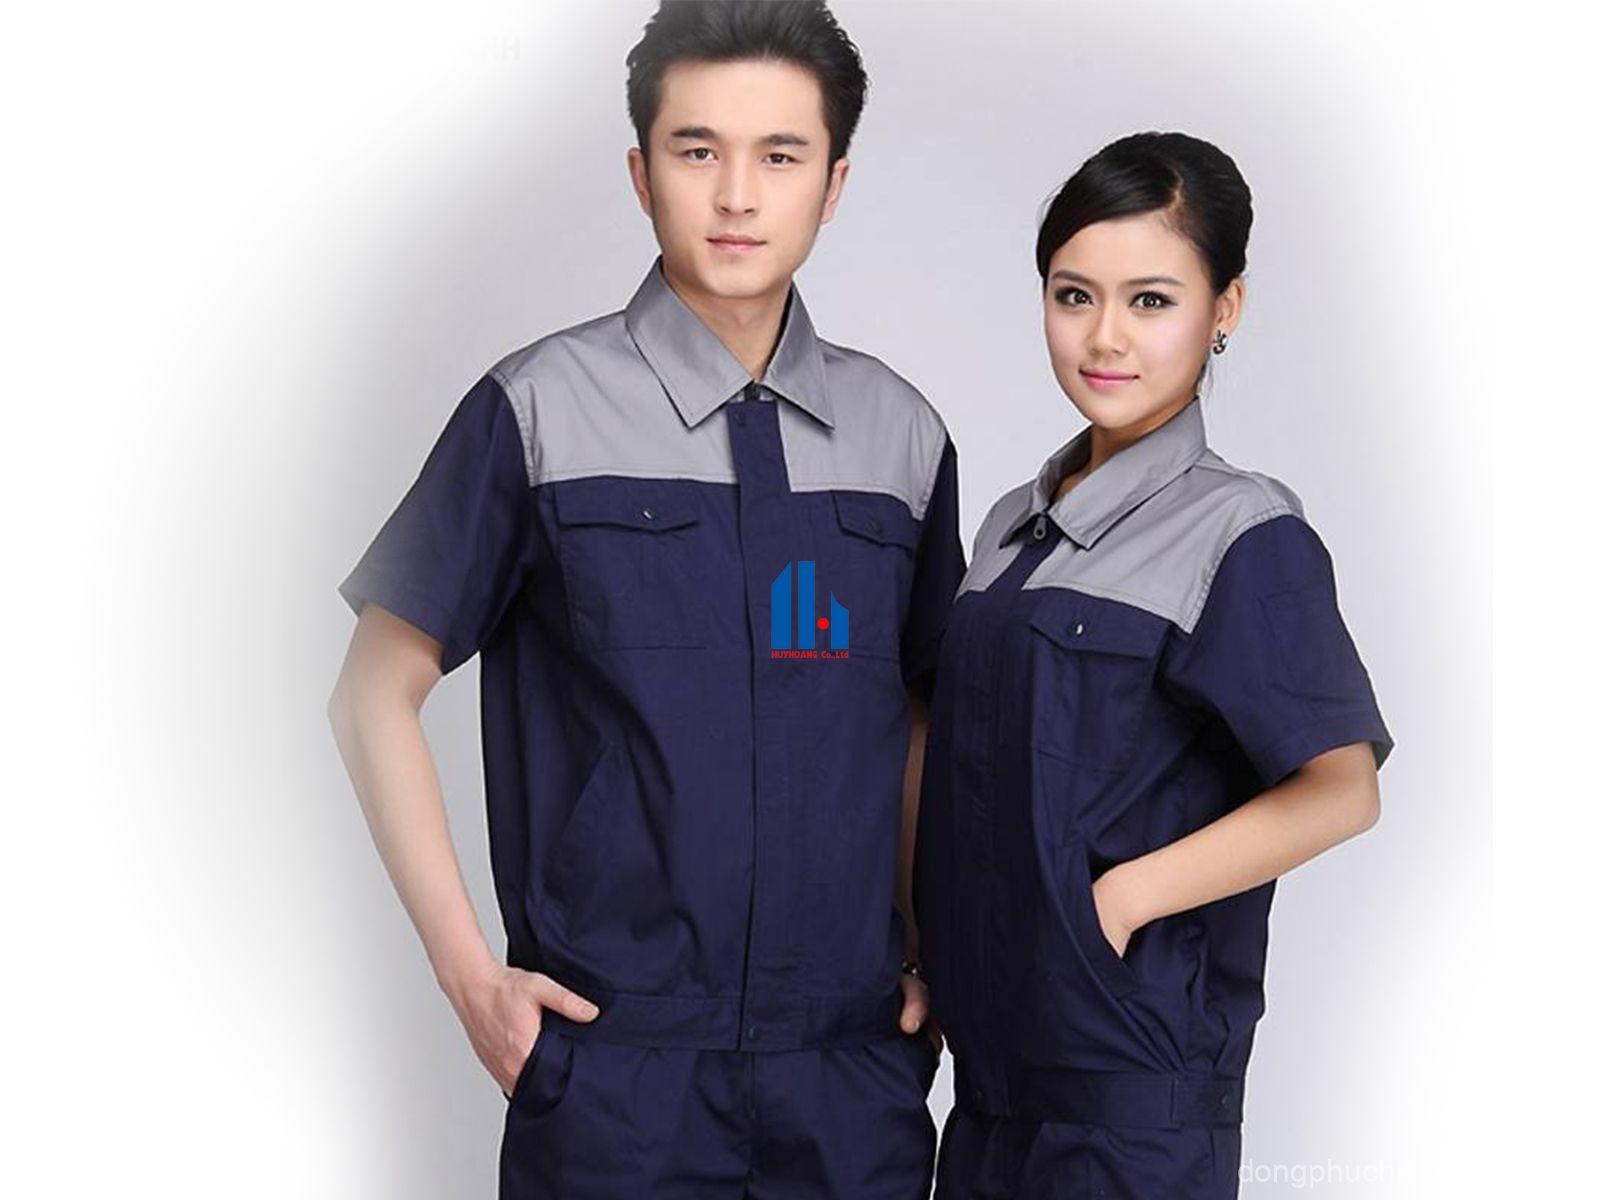 Nên mua đồng phục lao động may sẵn hay đặt may?